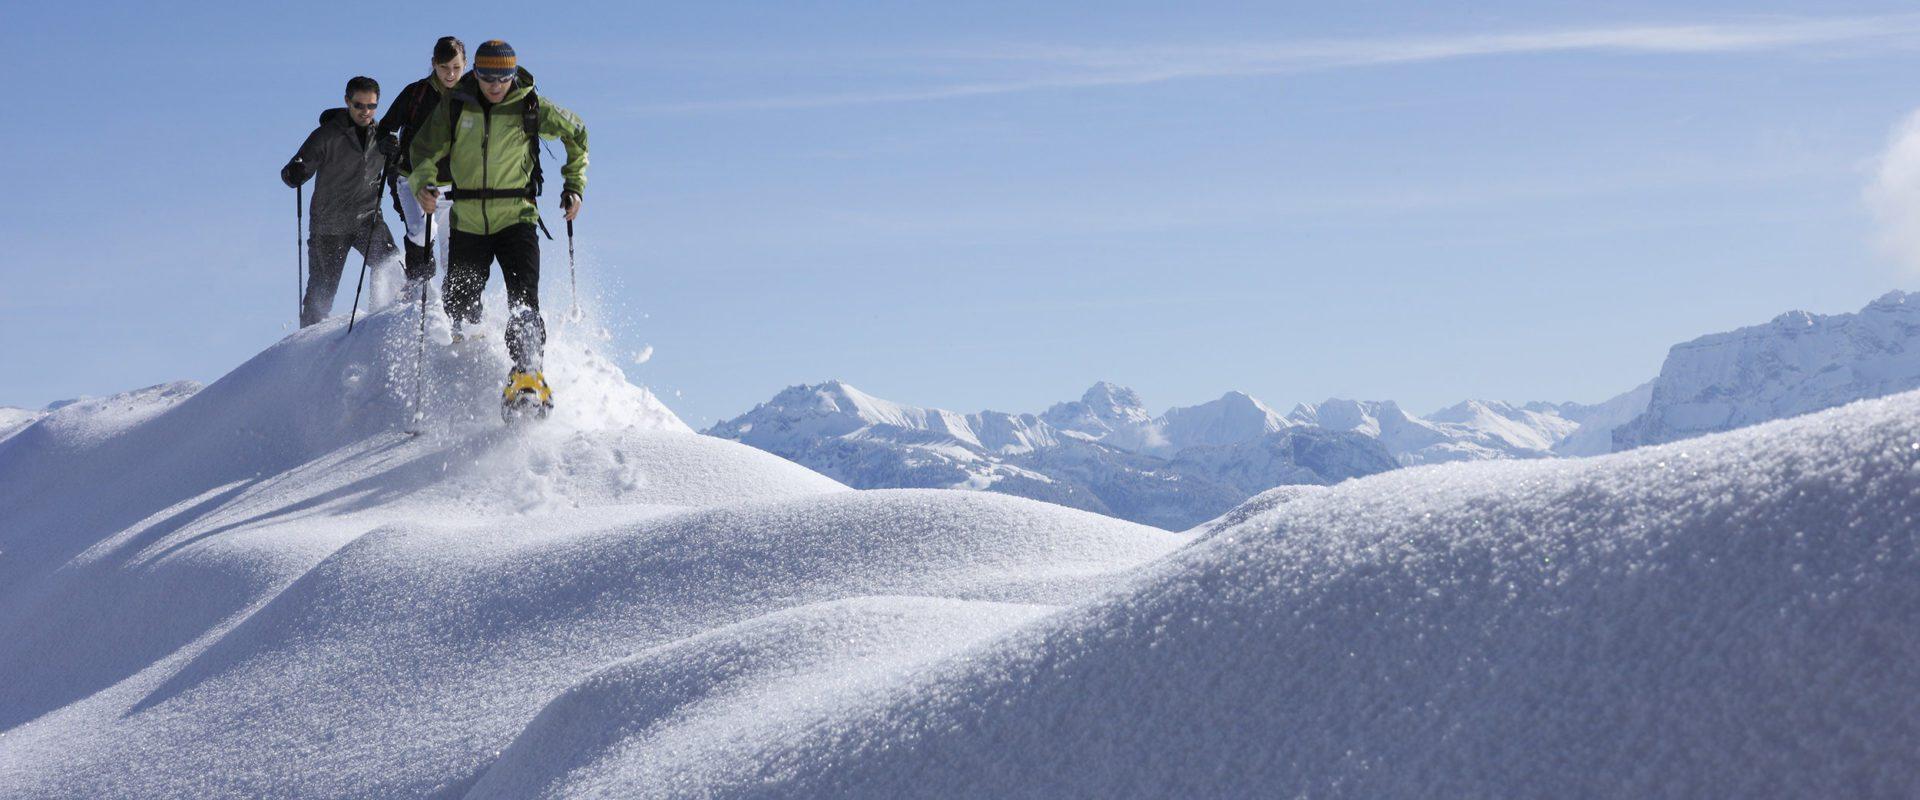 Schneeschuhtour am Bödele © Adolf Bereuter / Bregenzerwald Tourismus